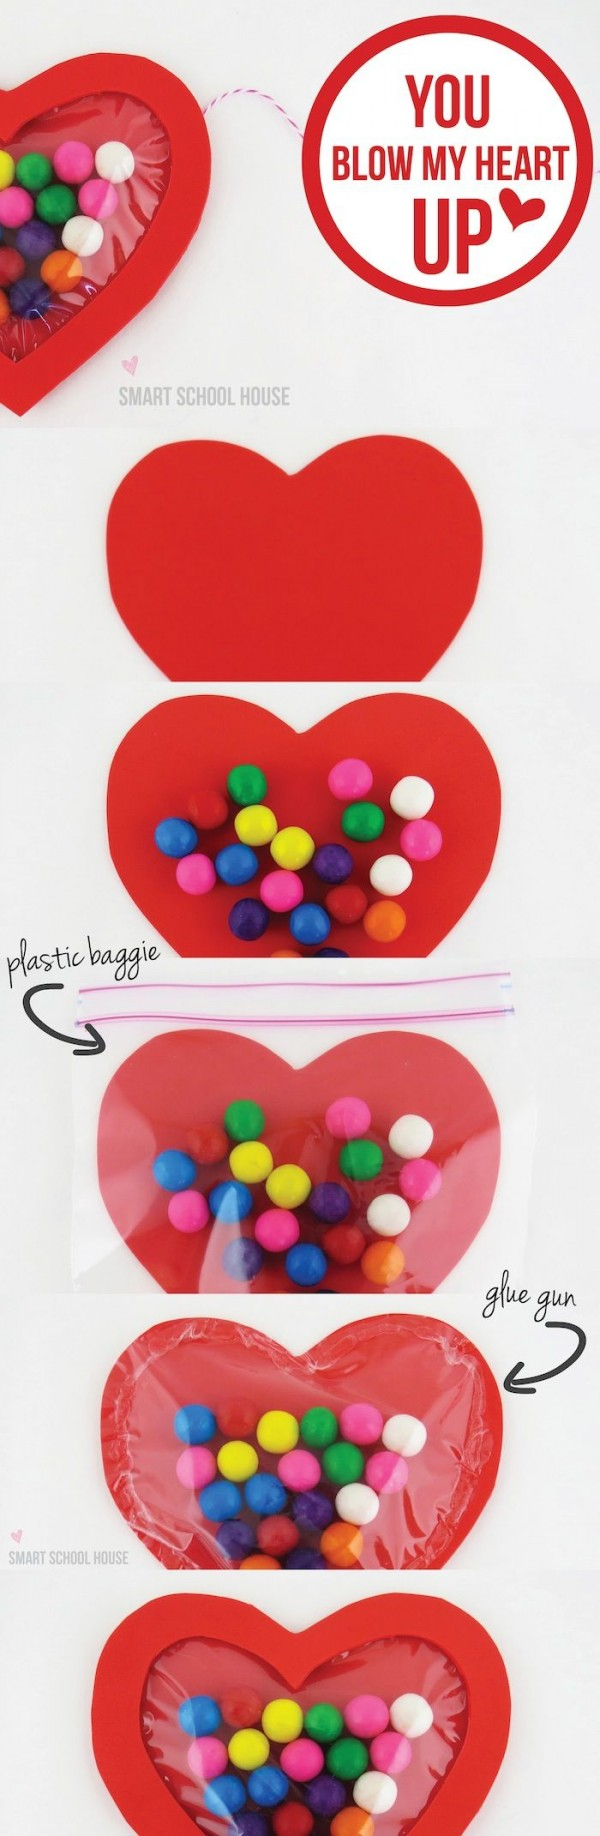 bubble gum8